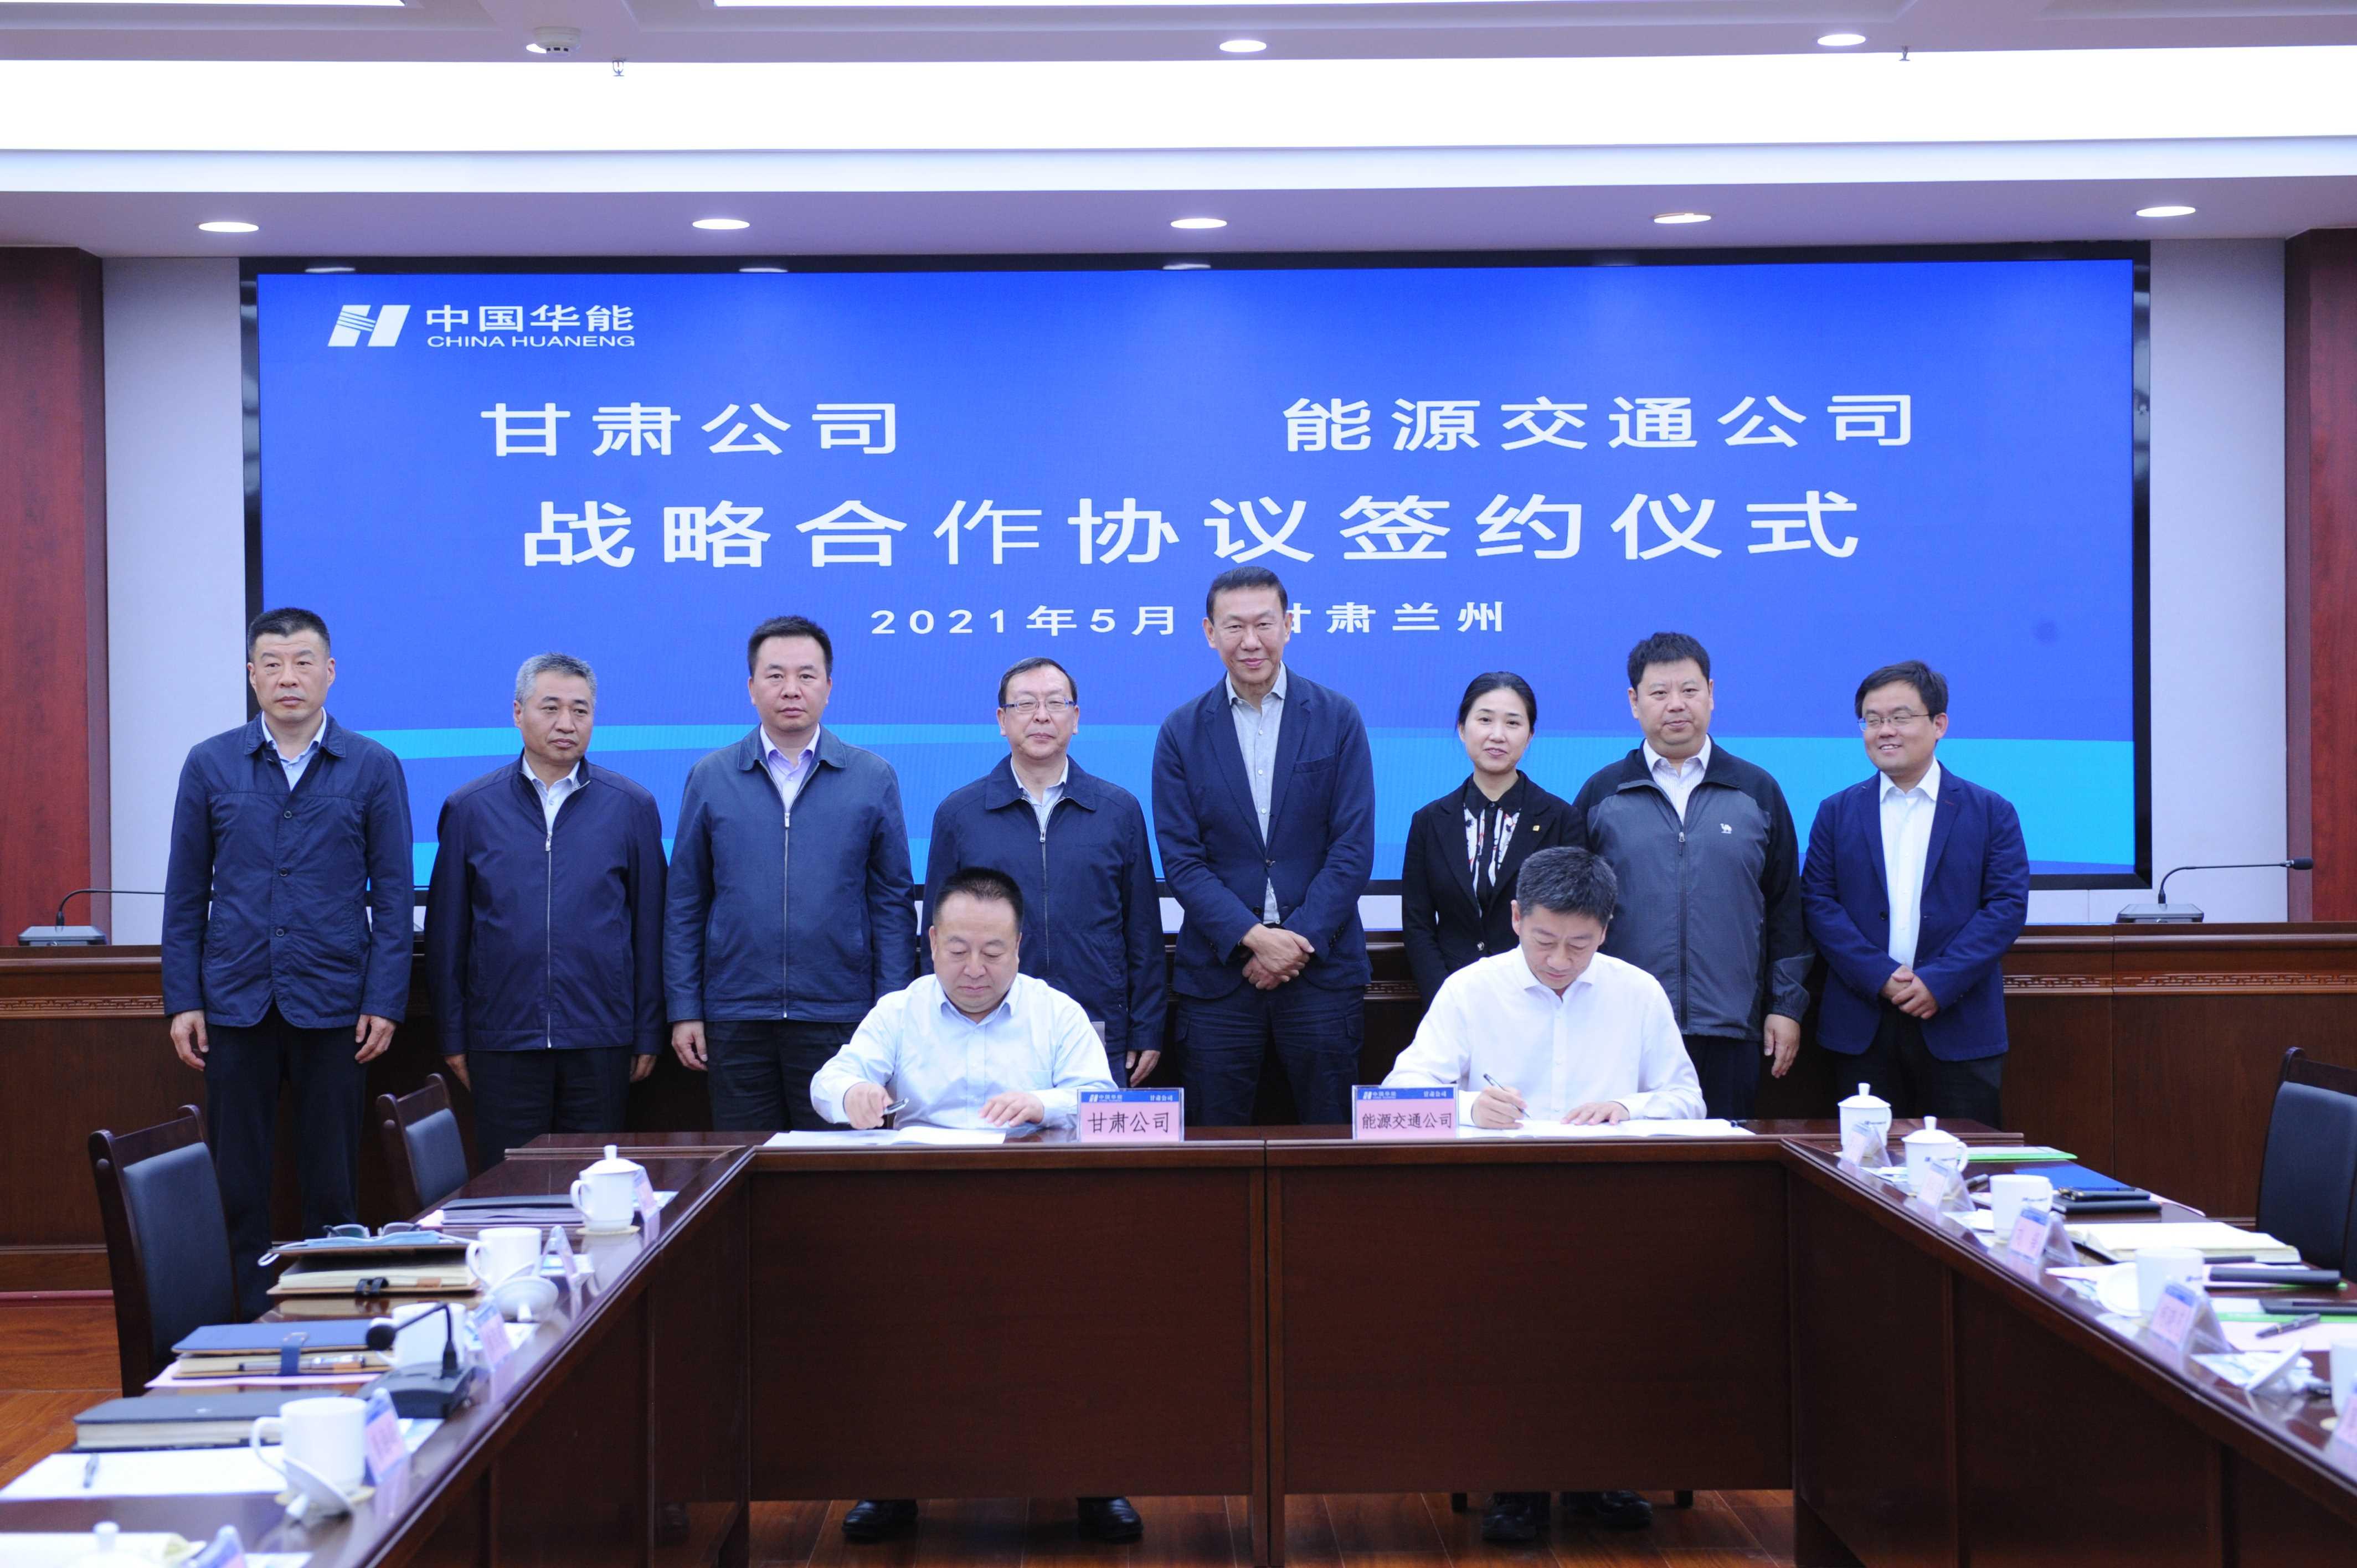 能源交通公司與甘肅公司簽署戰略合作協議開啟全面合作